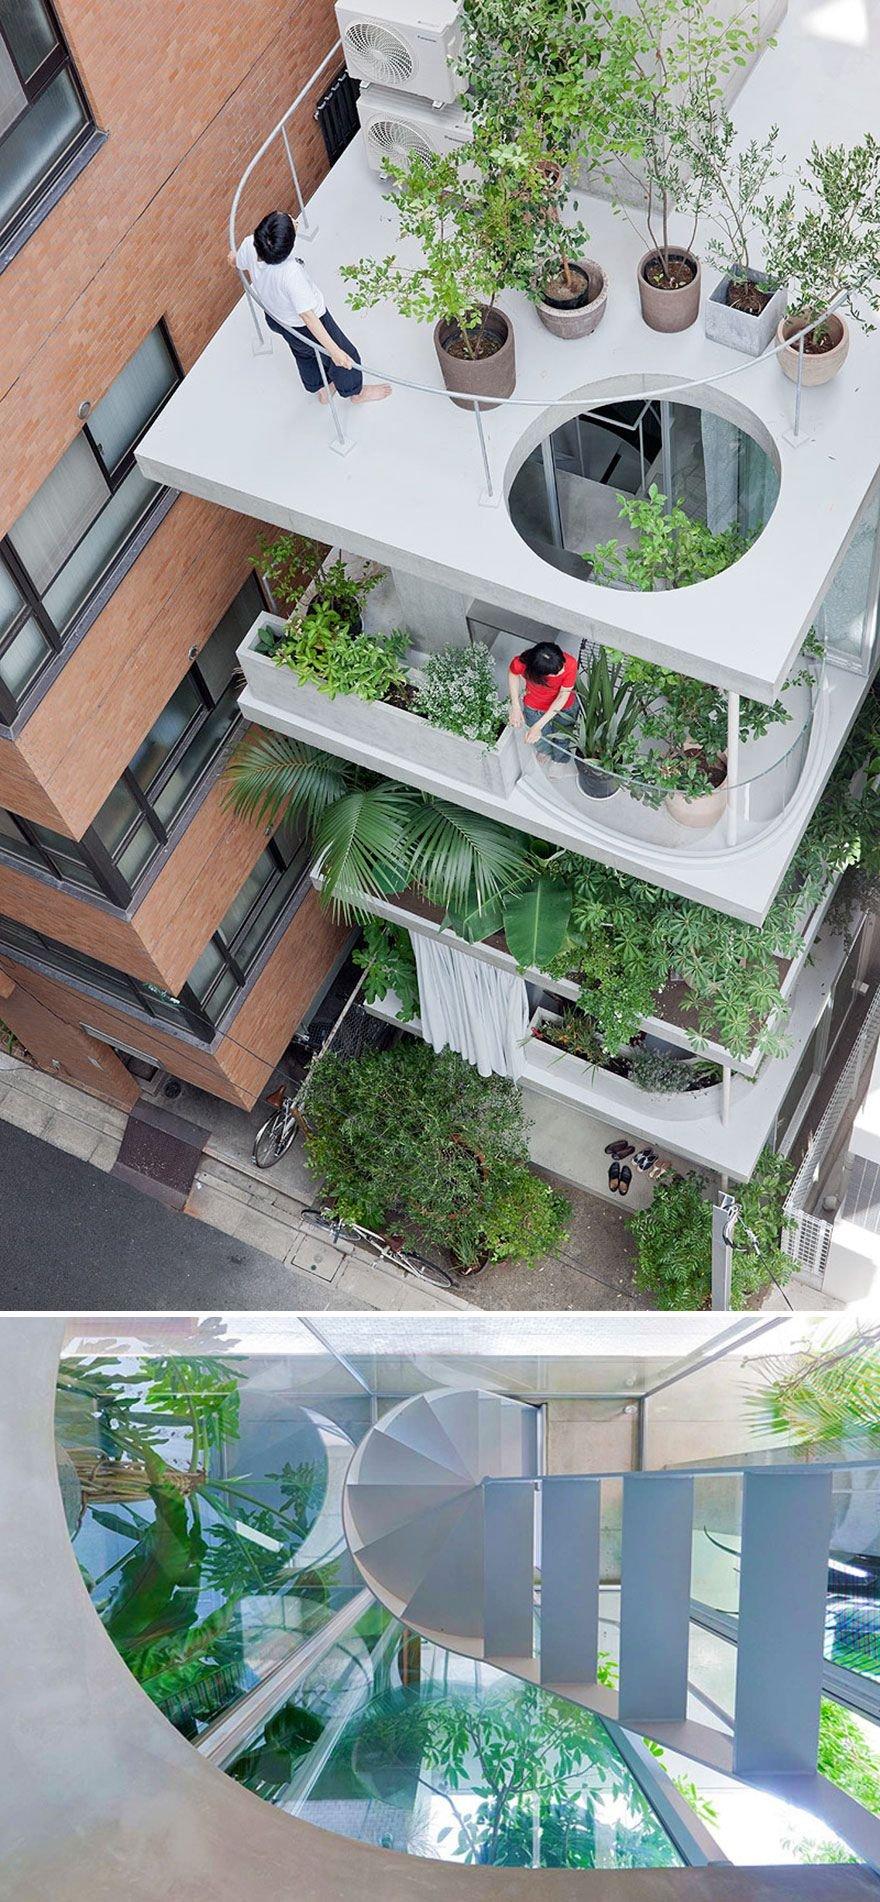 Потрясающее многообразие современной японской архитектуры